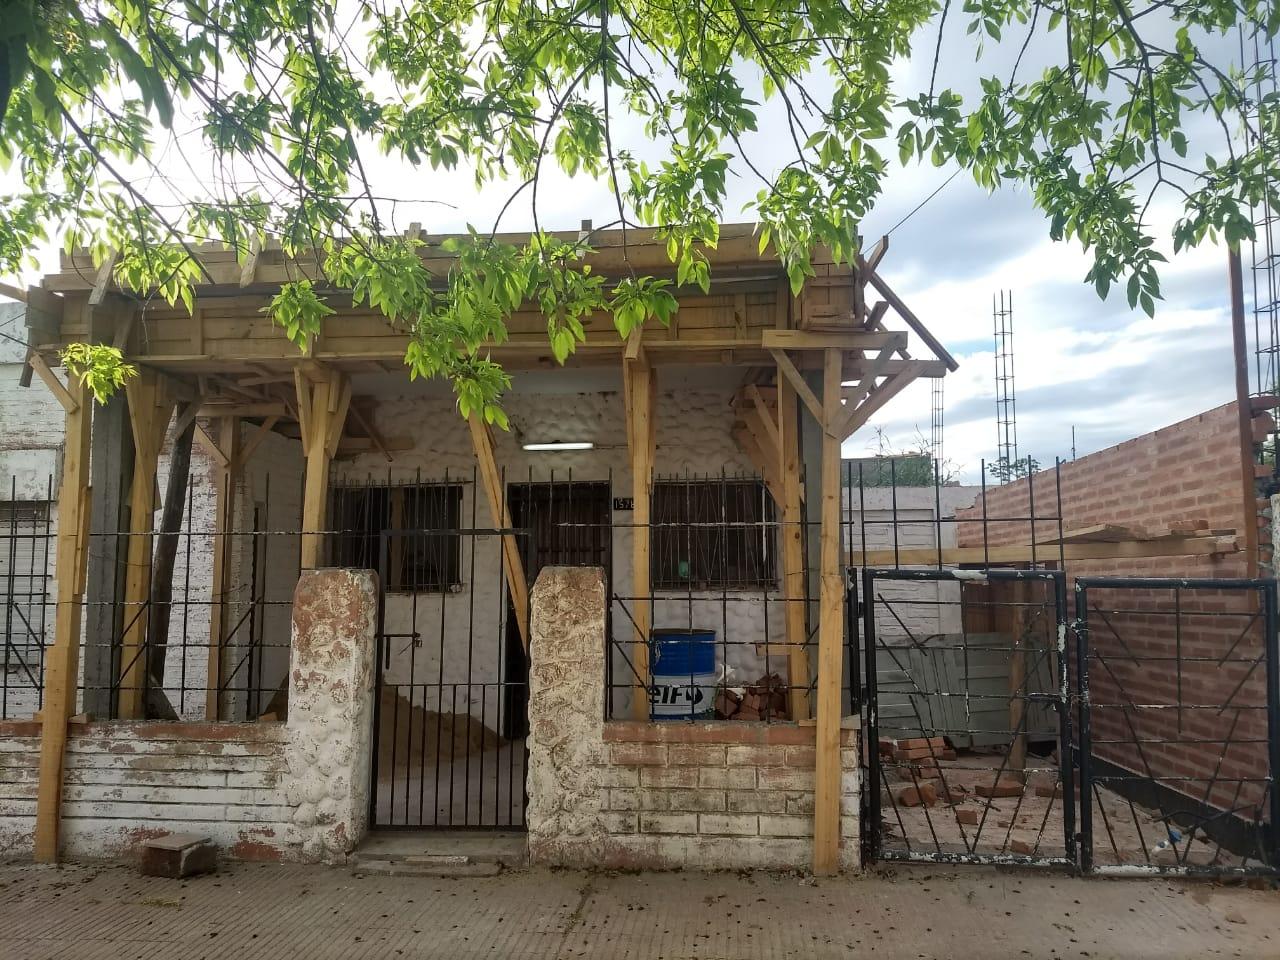 Casa Echeverrya